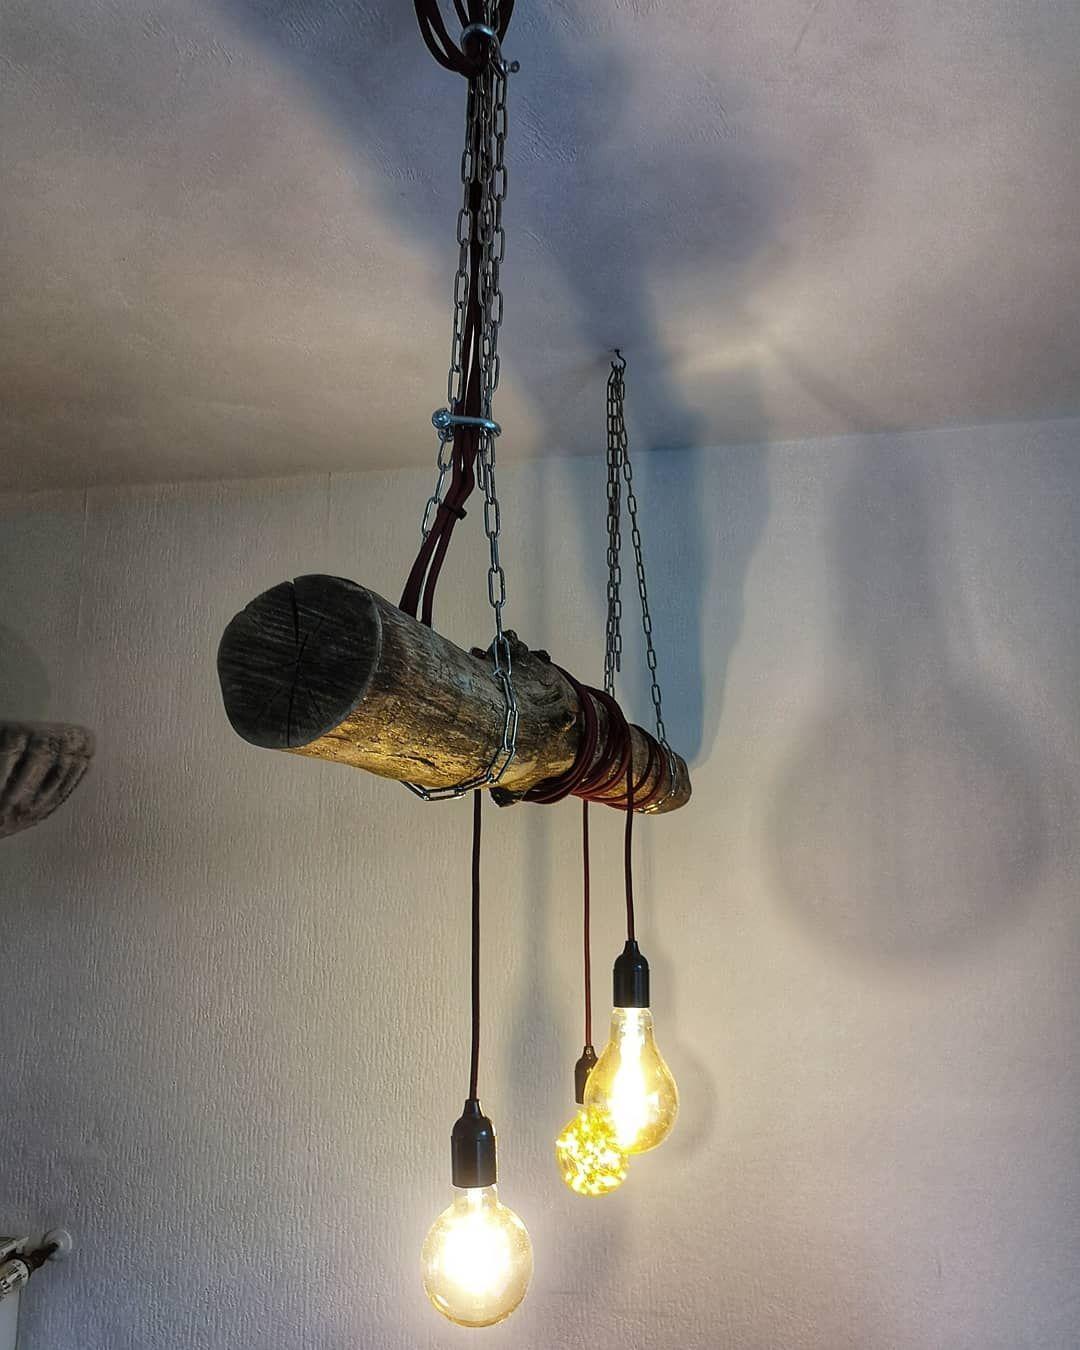 Full Size of Holzlampe Decke Wood Art By Tobi On Instagram Eine Neue Ist Entstanden Deckenstrahler Wohnzimmer Deckenlampe Esstisch Deckenlampen Modern Led Deckenleuchte Wohnzimmer Holzlampe Decke